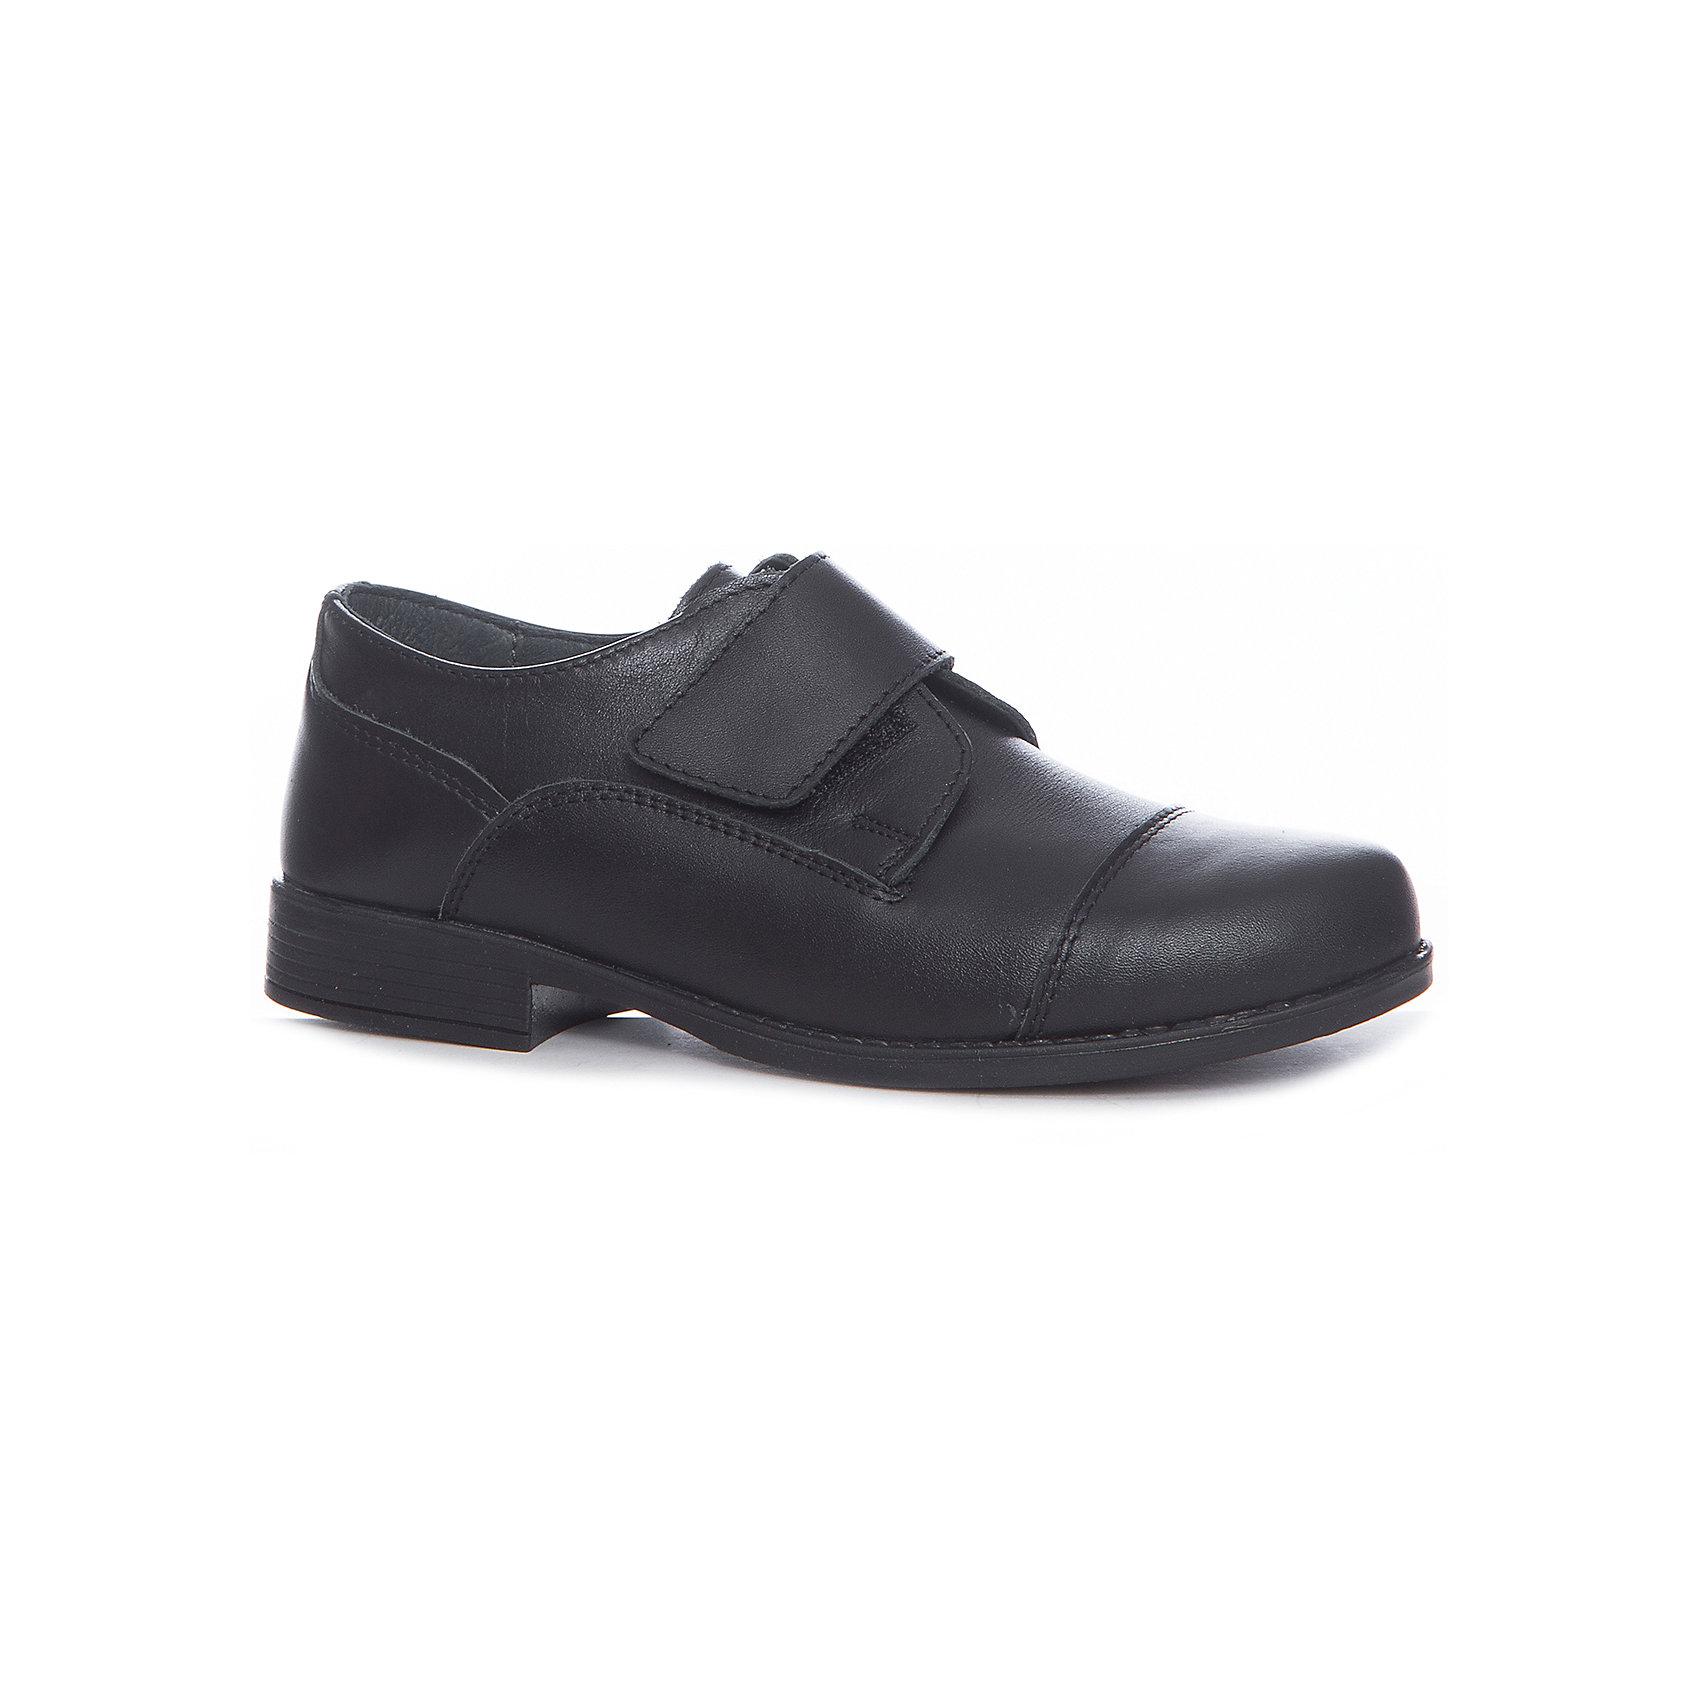 Полуботинки для мальчика КотофейОбувь<br>Полуботинки для мальчика Котофей<br>Классические туфли традиционного черного цвета выполнены из натуральной кожи. Ремешок с велькро позволяет легко обувать и снимать обувь и в то же время гарантирует плотное прилегание обуви к ноге. Мягкий манжет создает комфорт при ходьбе и предотвращает натирание ножки. Подошва из термоэластопласта удобная и износостойкая.<br><br>Ширина мм: 262<br>Глубина мм: 176<br>Высота мм: 97<br>Вес г: 427<br>Цвет: черный<br>Возраст от месяцев: 132<br>Возраст до месяцев: 144<br>Пол: Мужской<br>Возраст: Детский<br>Размер: 35,32,33,34<br>SKU: 6915636